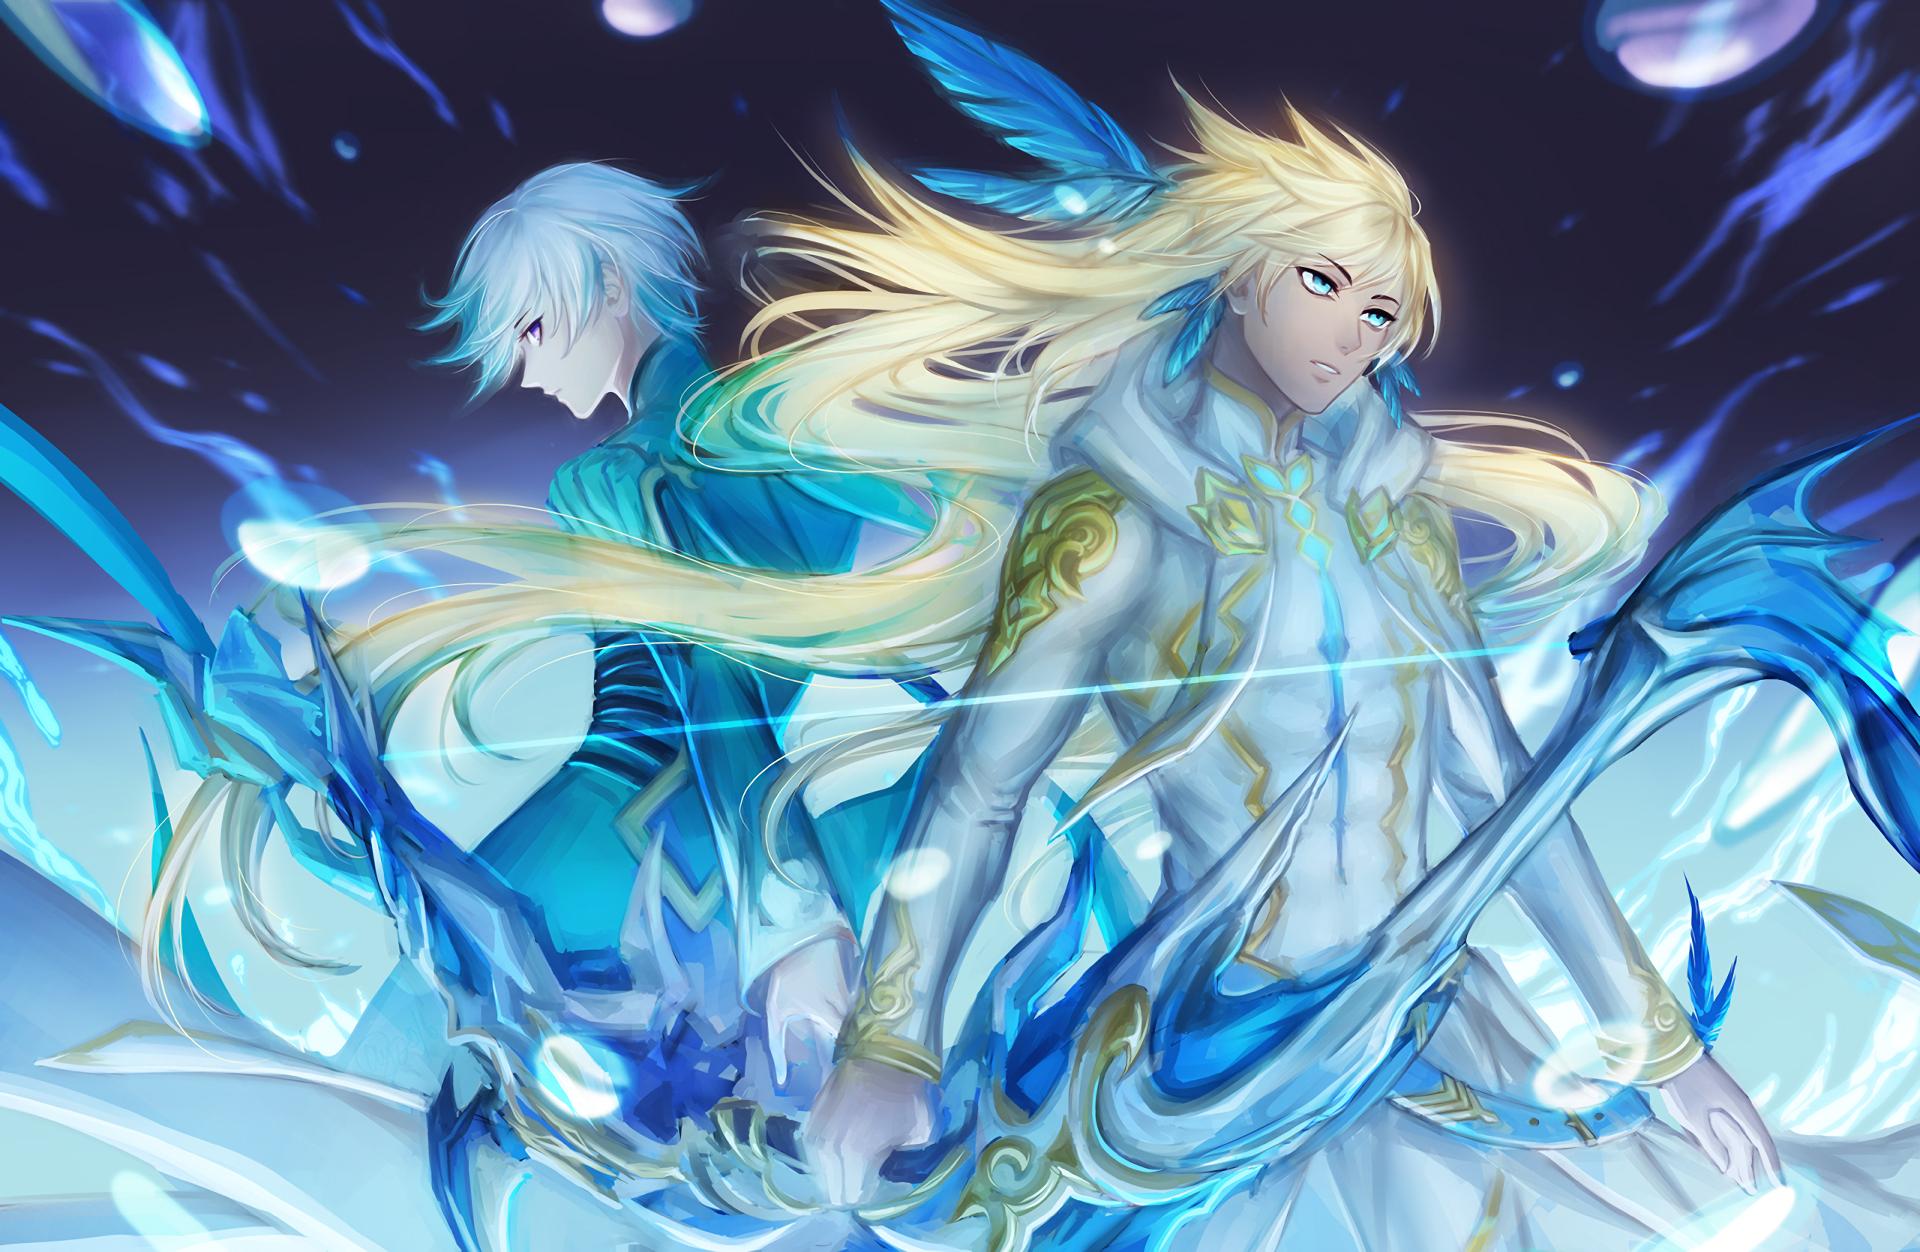 Anime Tales Of Zestiria The X Sorey Zestiria Mikleo Zestiria